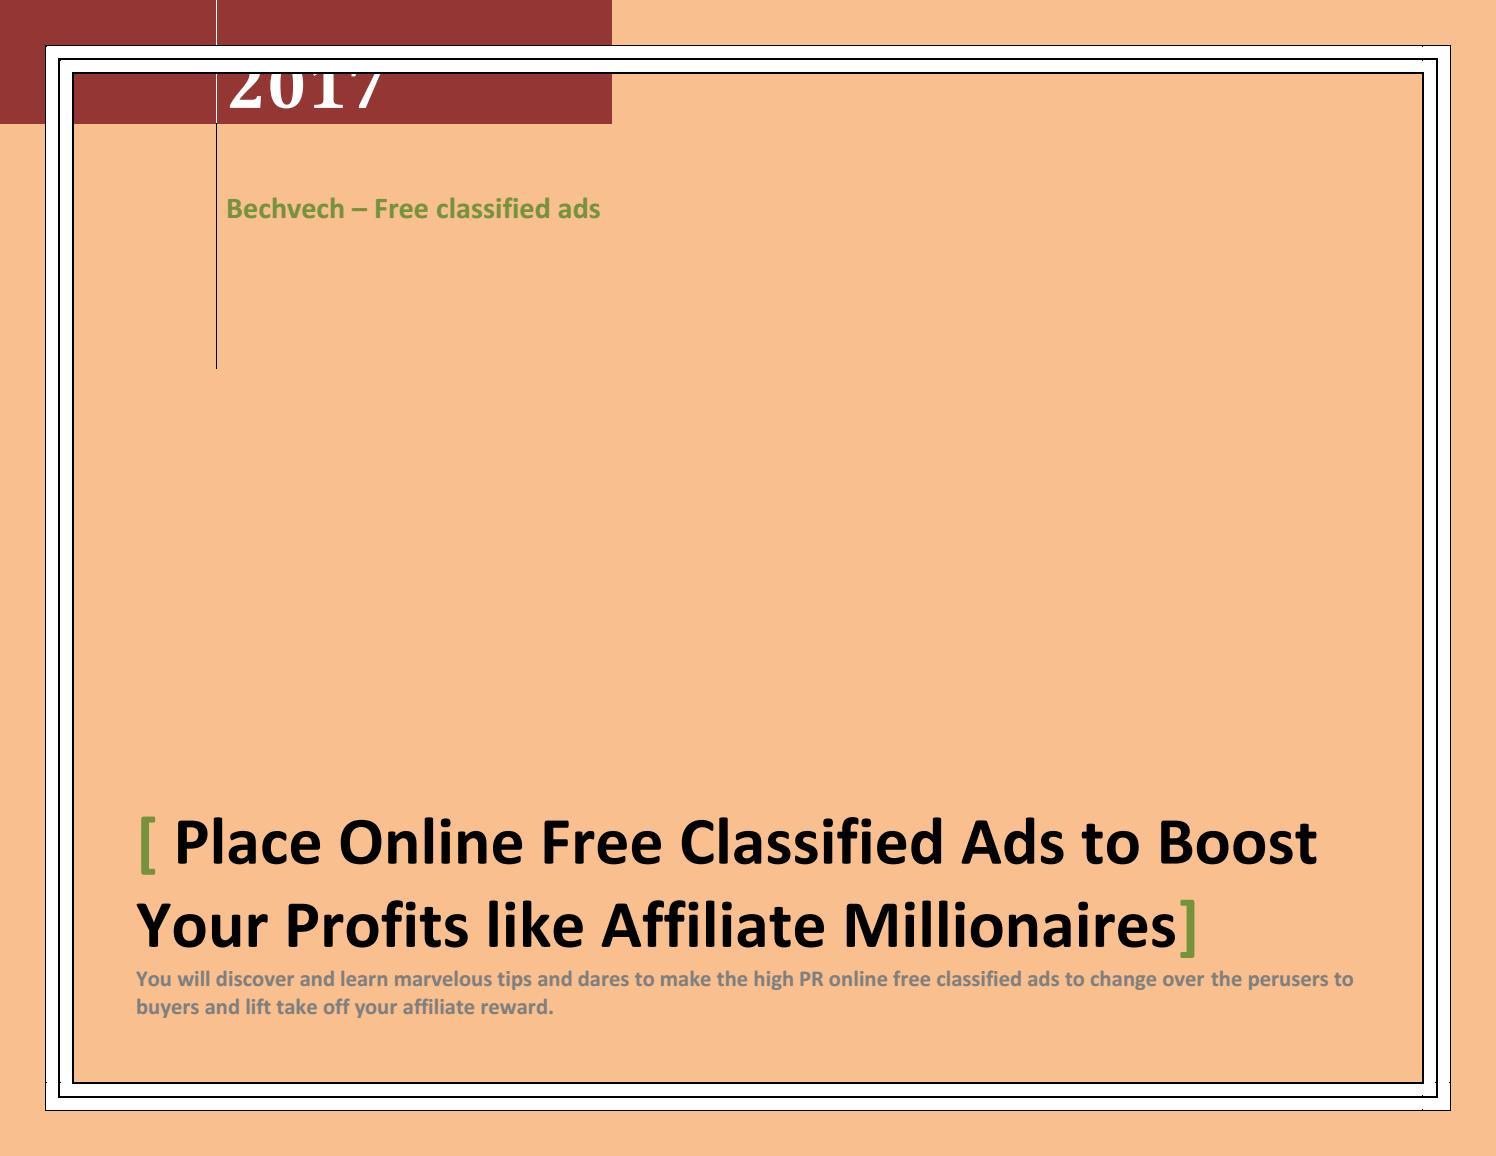 Affiliate millionaires